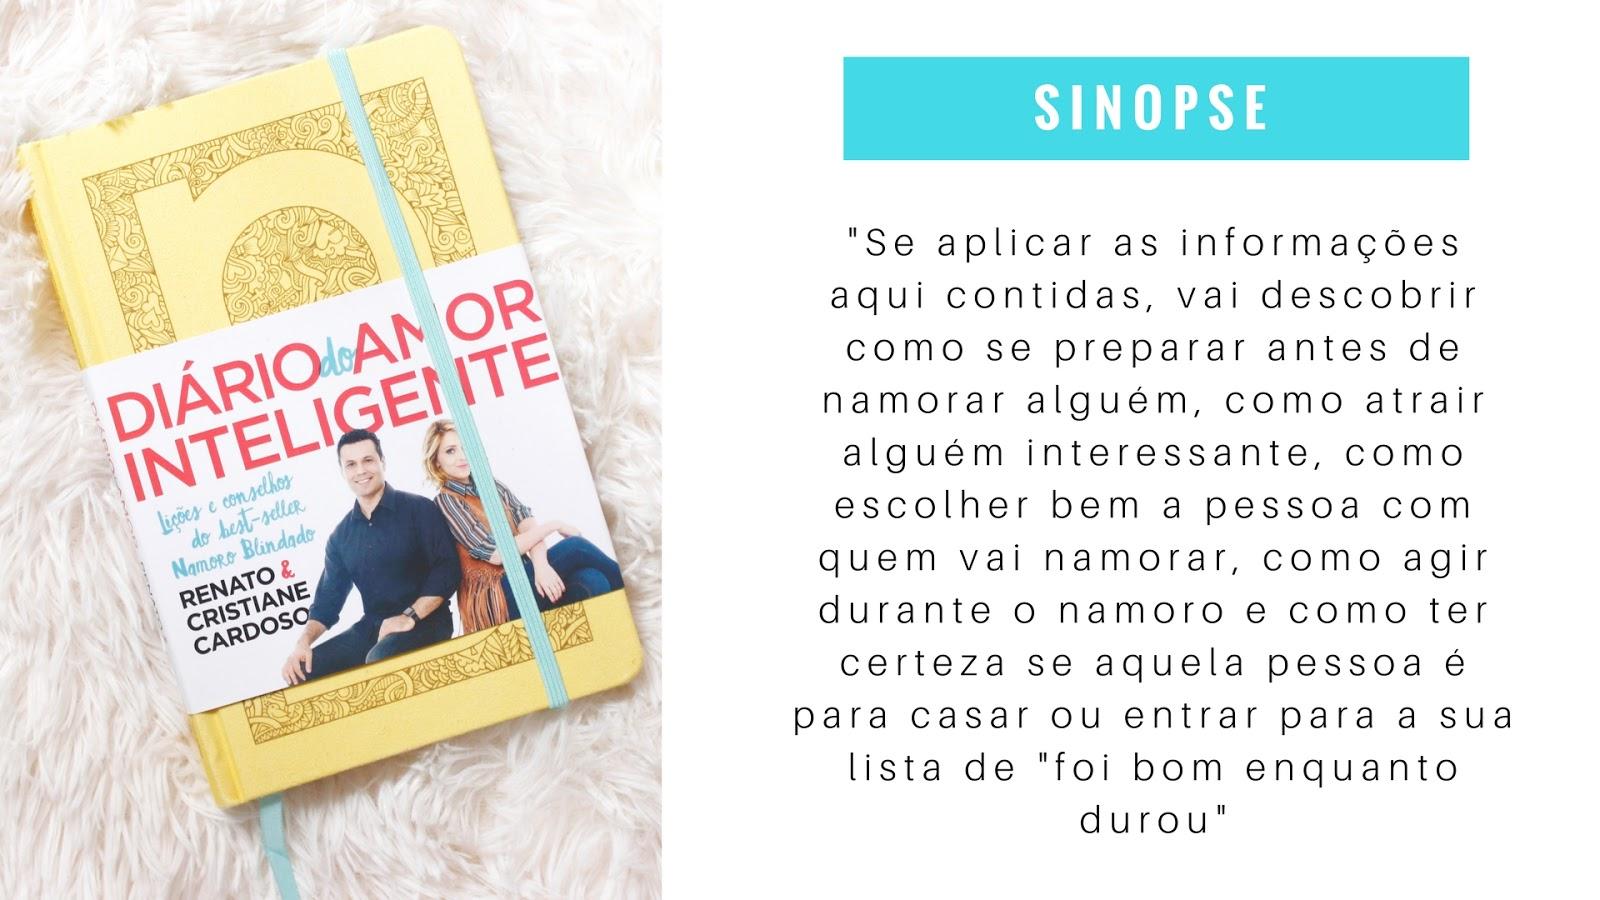 Diário Do Amor Inteligente Editora Thomas Nelson Brasil